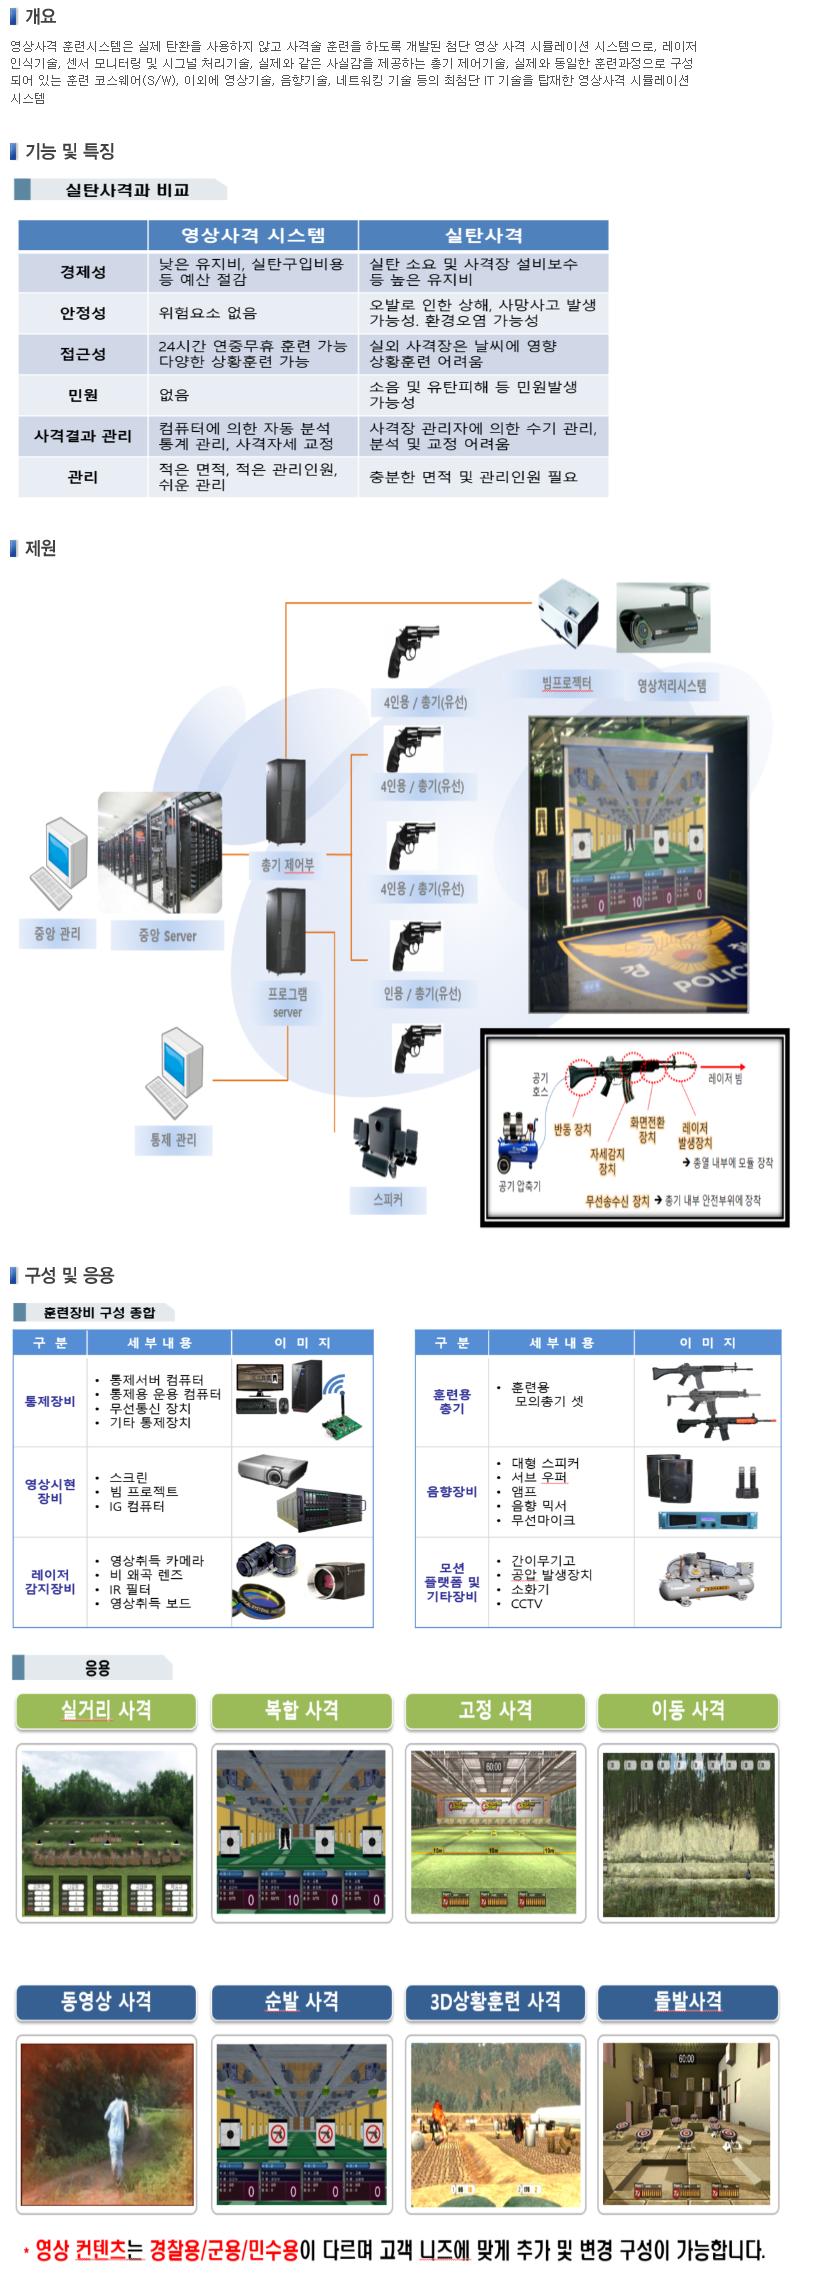 (주)우리별 영상사격 훈련시스템  1